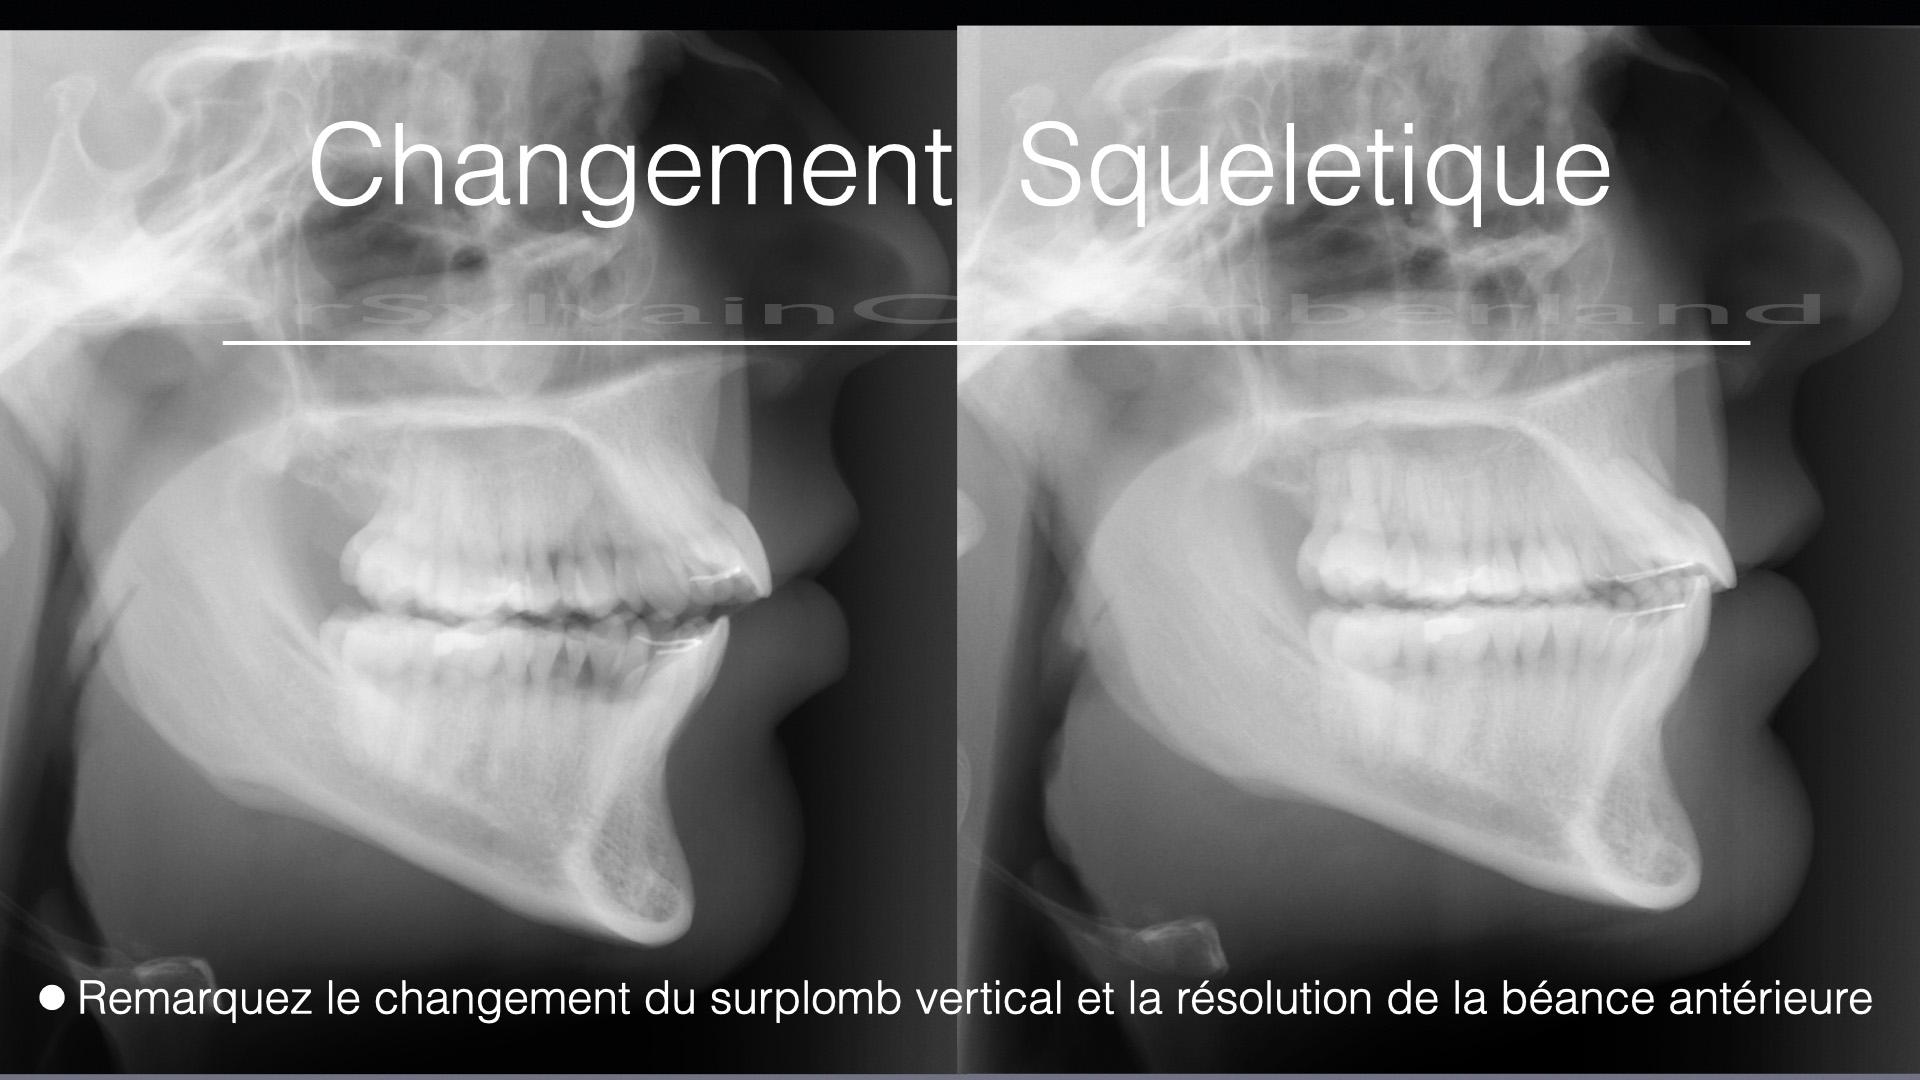 Changement squelettique